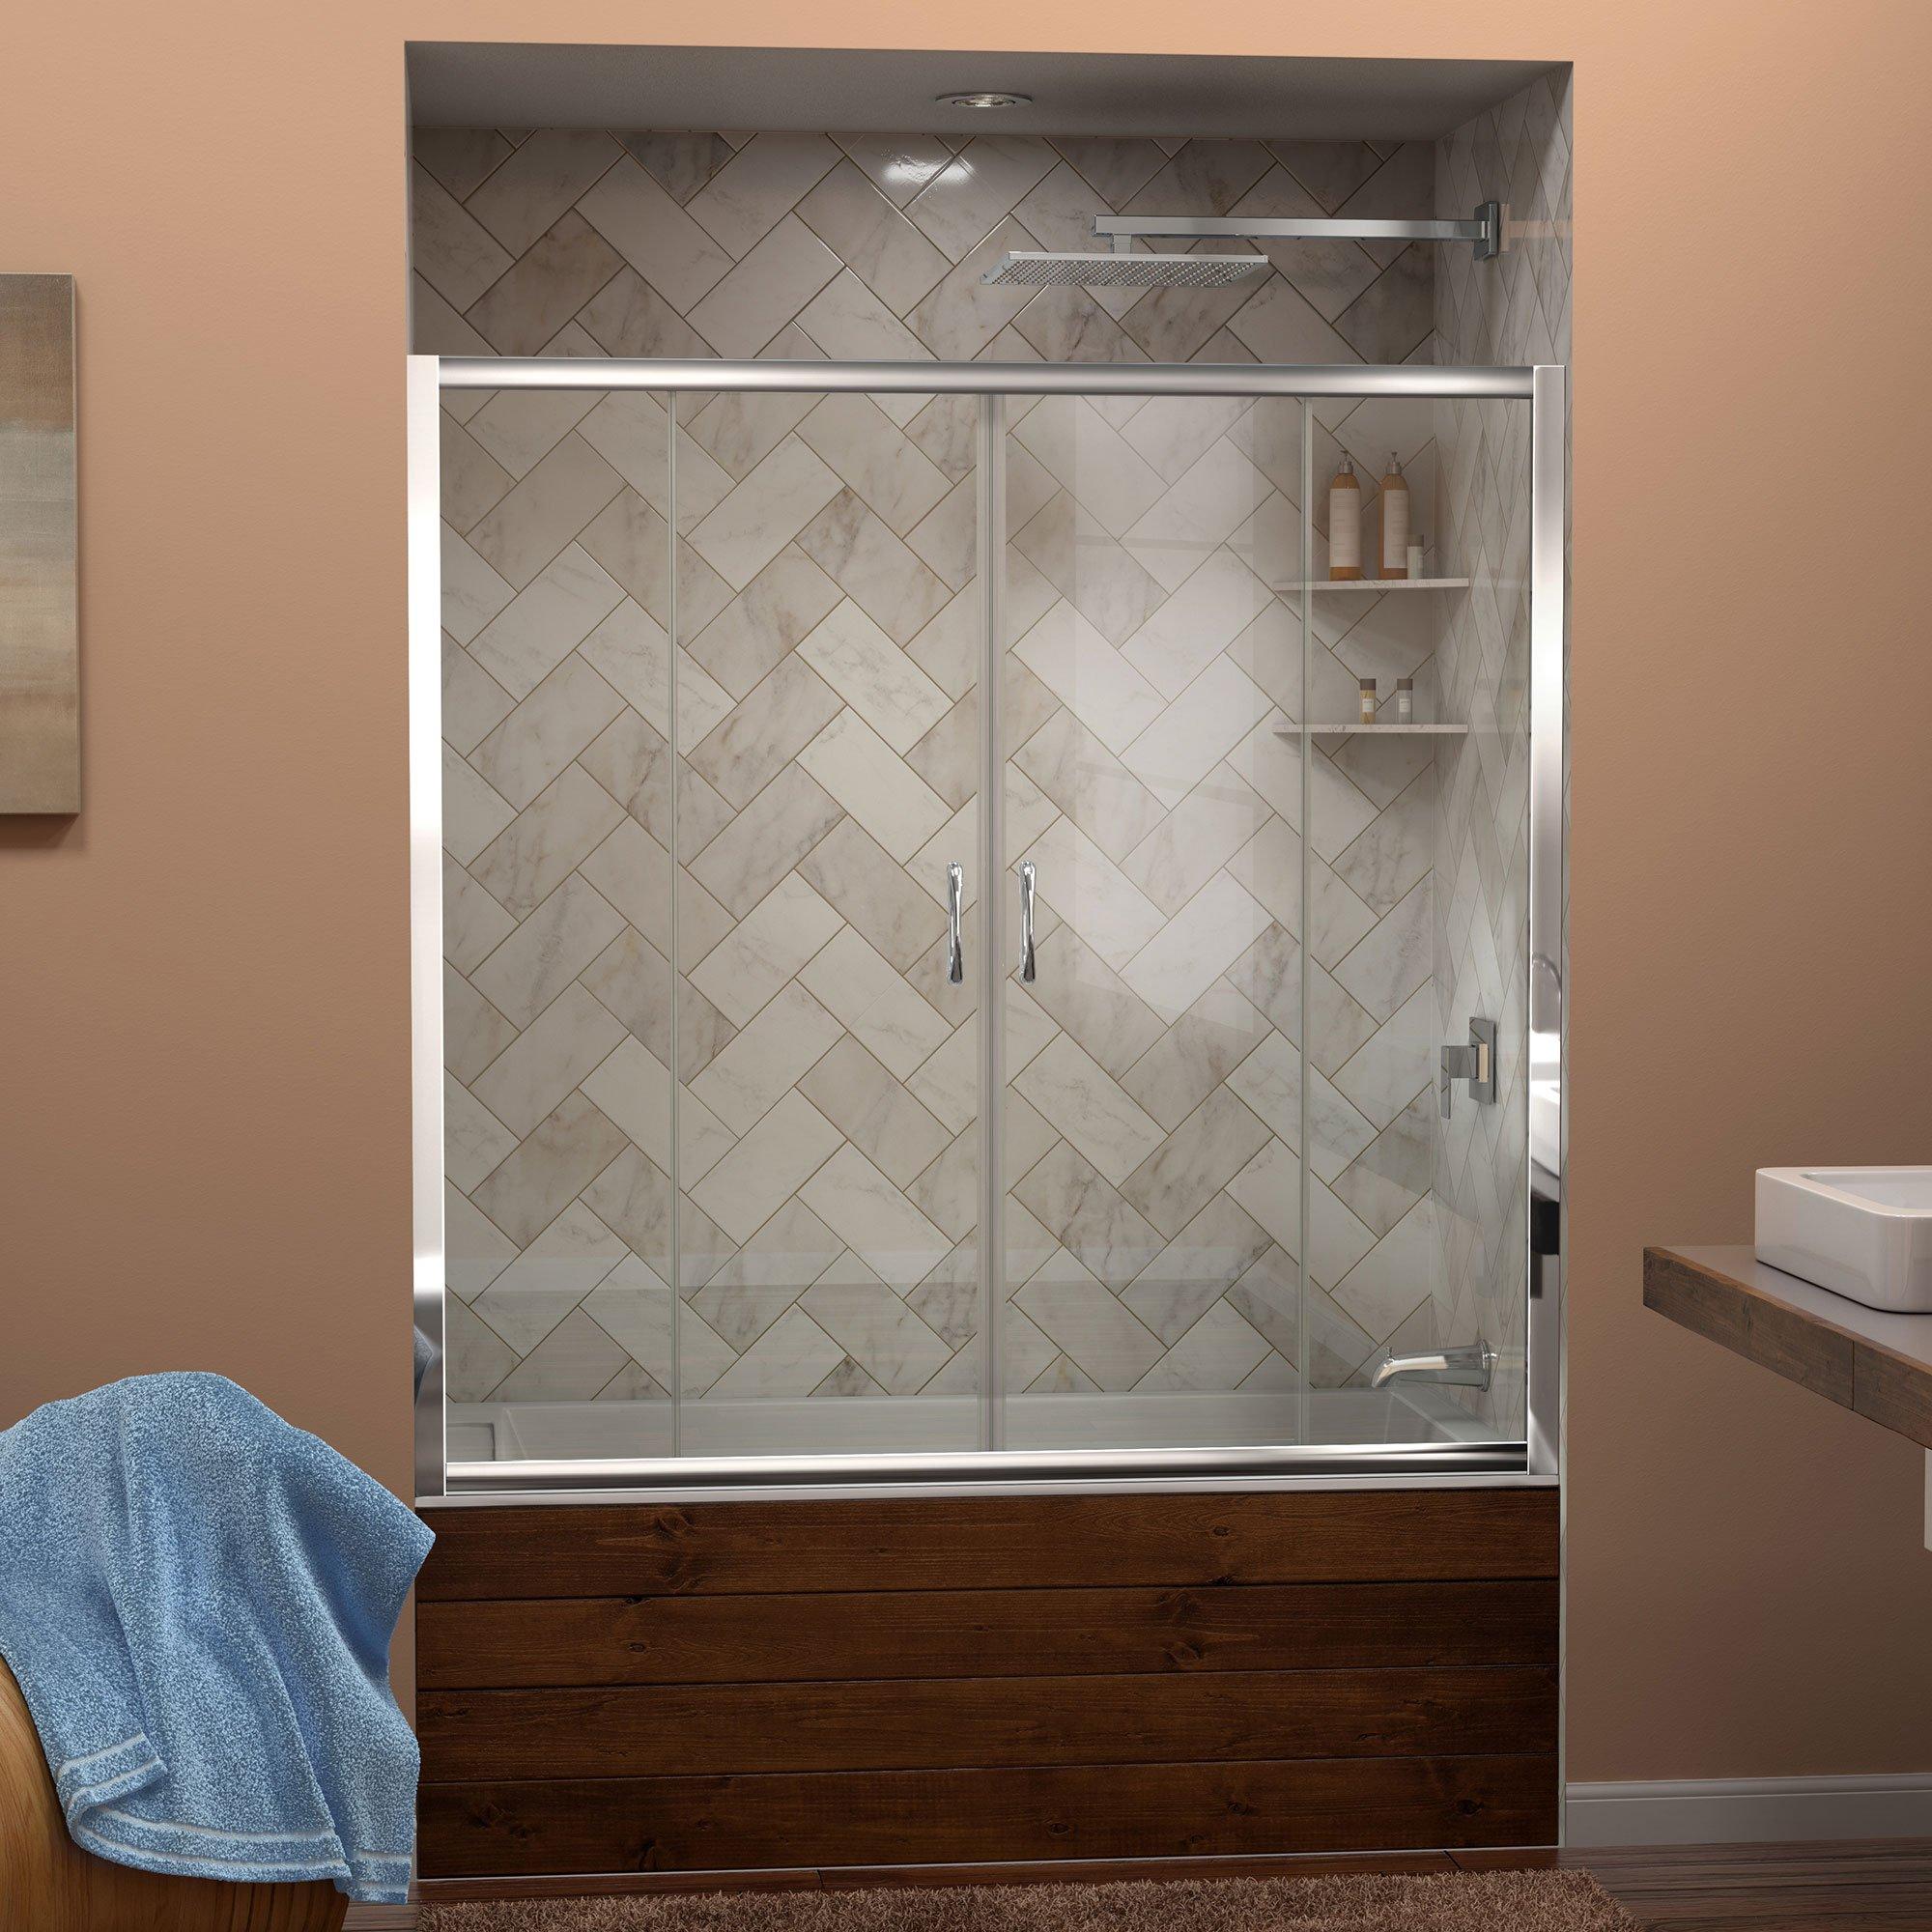 DreamLine Visions 56-60 in. Width, Frameless Sliding Tub Door, 1/4'' Glass, Chrome Finish by DreamLine